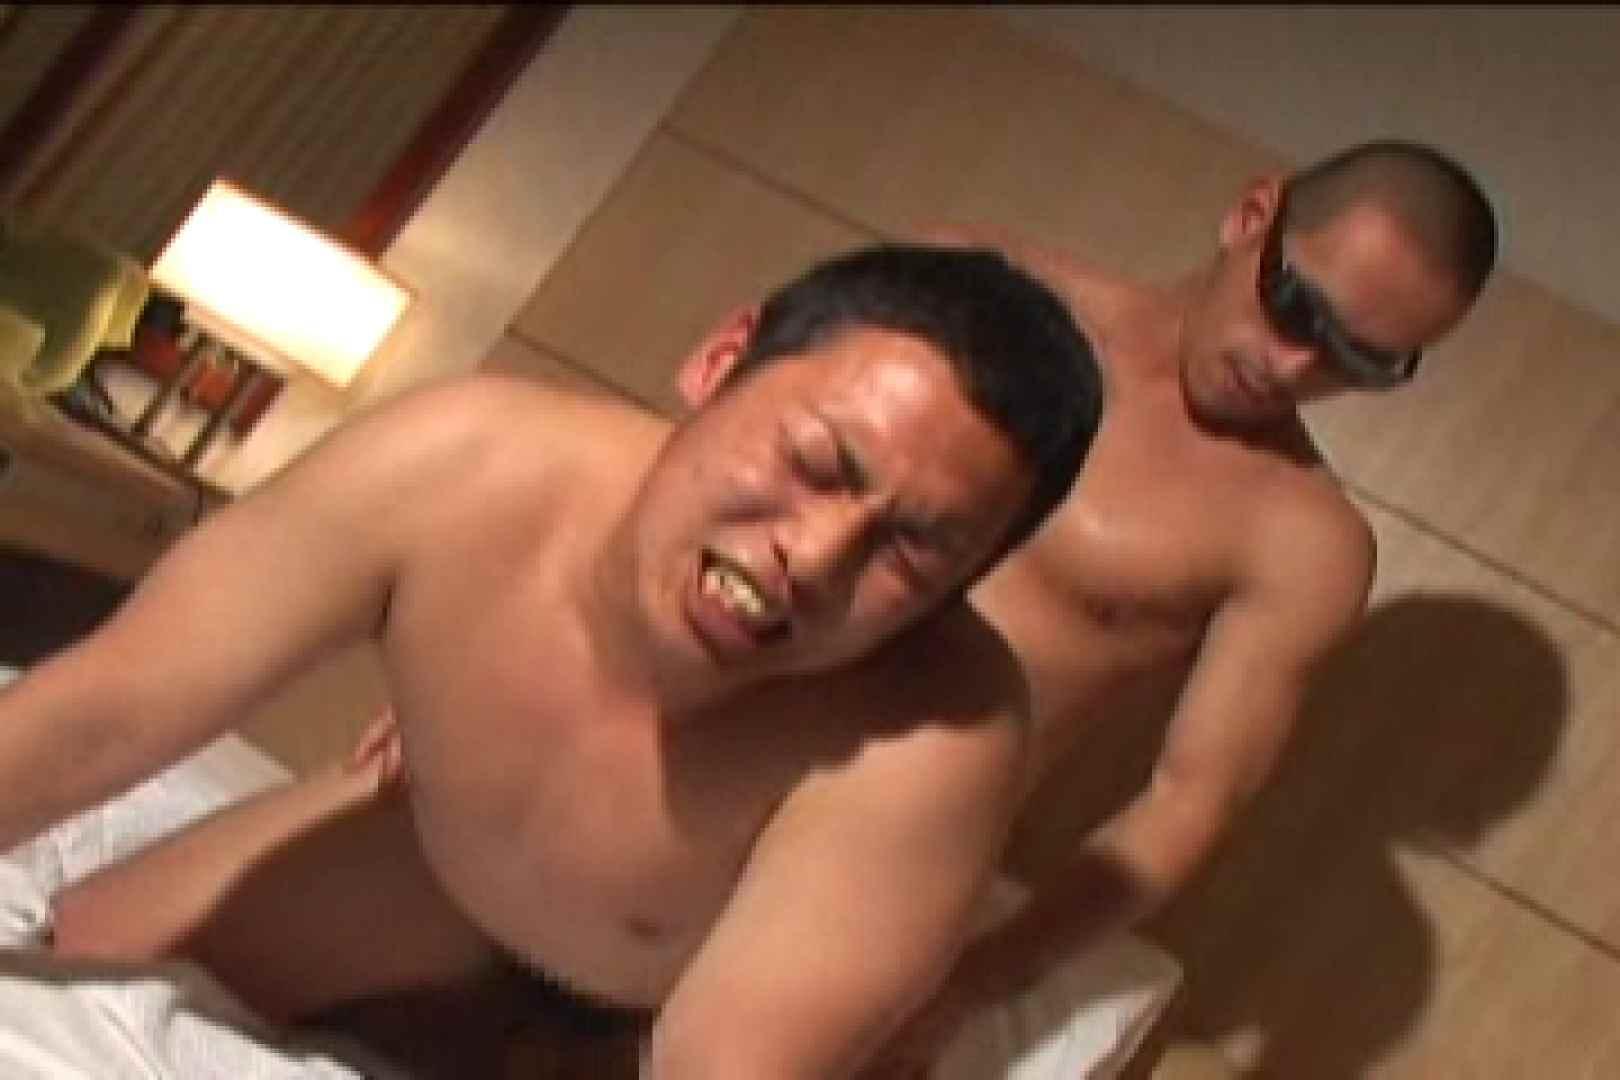 スポMENファック!!反り勃つ男根!!vol.6 イケメン ケツマンスケベ画像 96枚 80